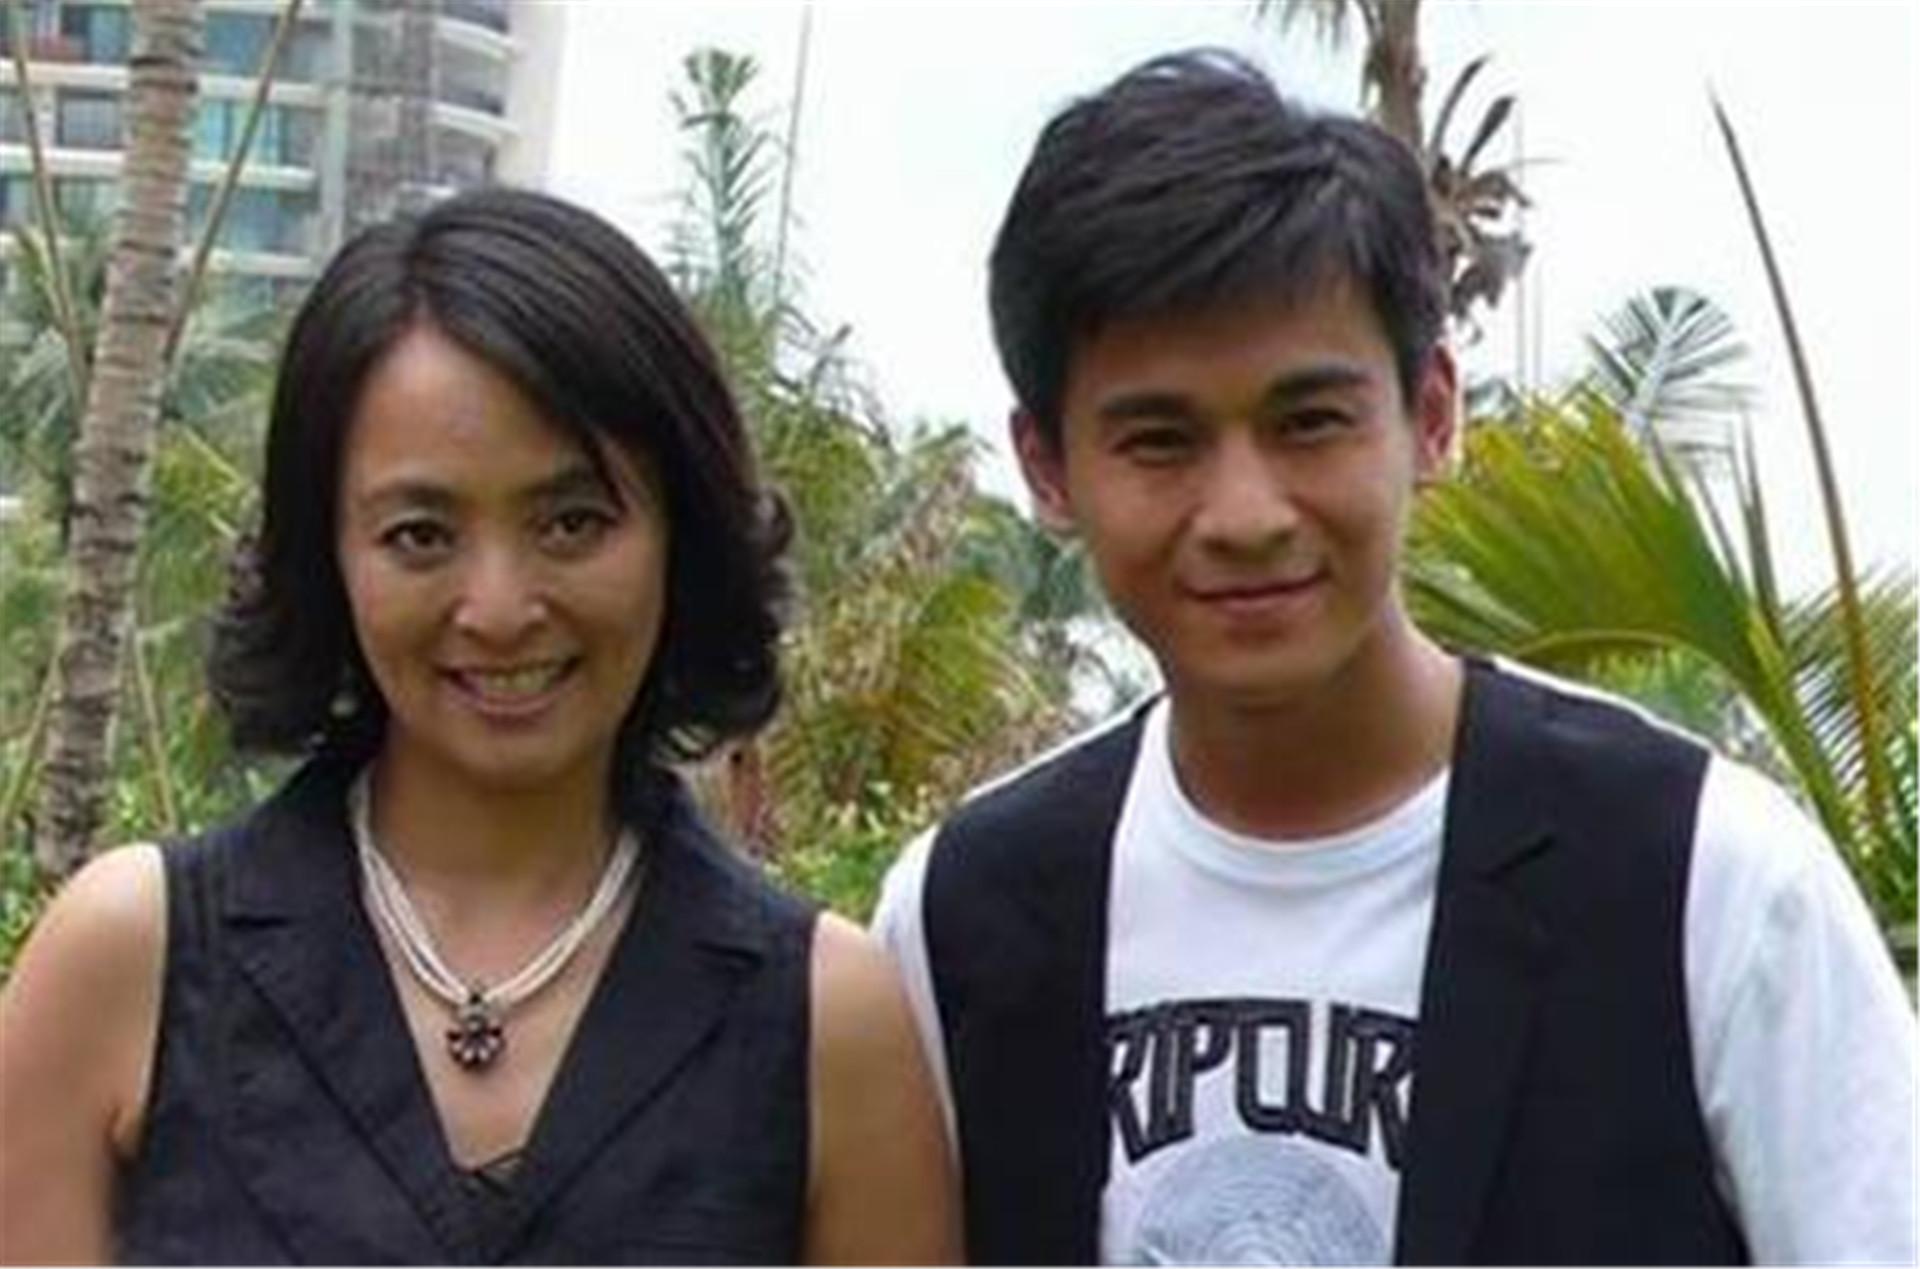 揚言不嫁中國人, 卻兩次被老外拋棄, 如今她帶著兒子回國撈金-圖2